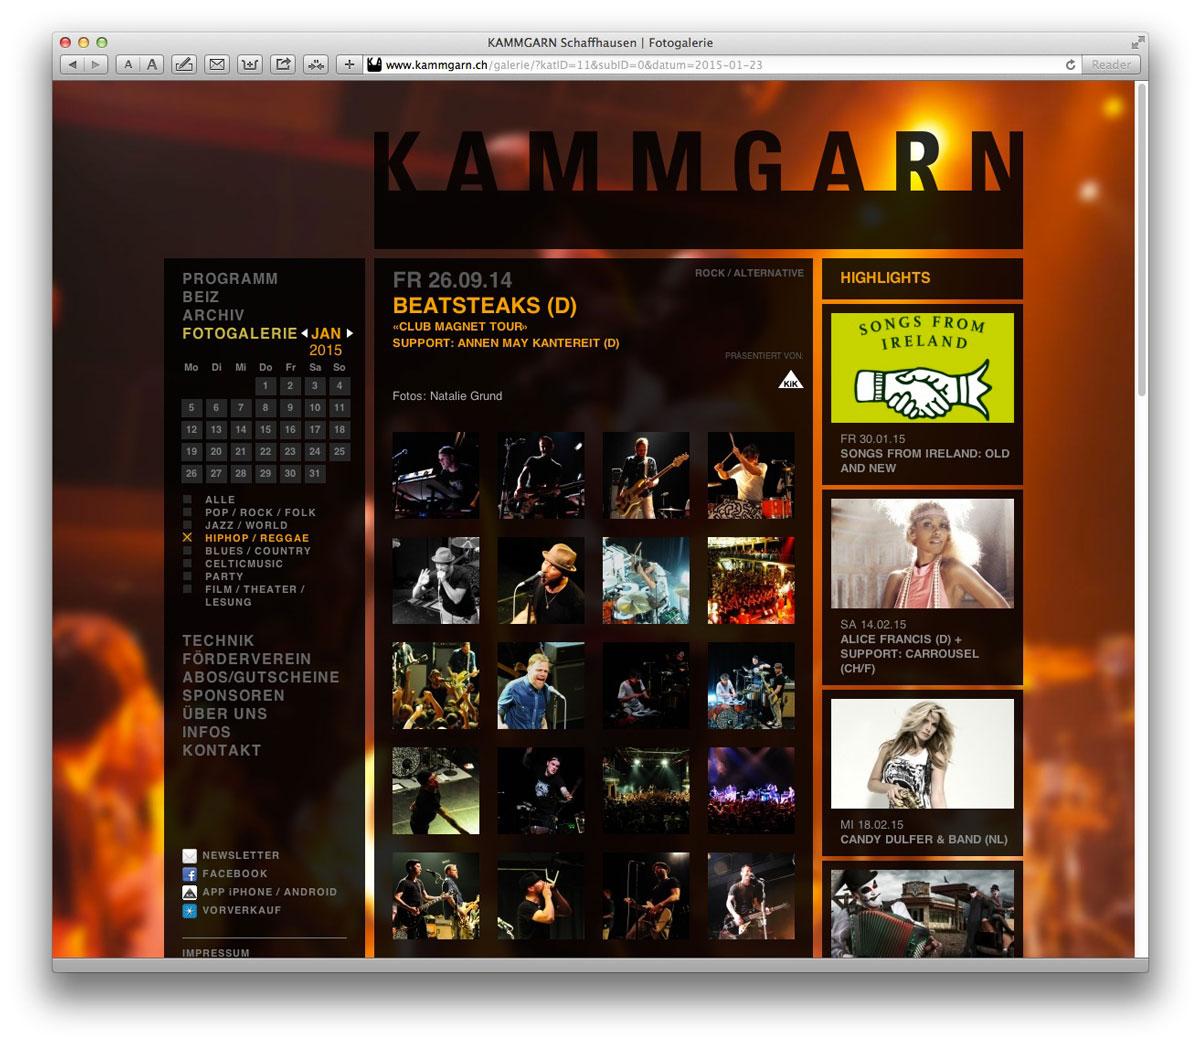 Website_Kammgarn_Schaffhausen_3